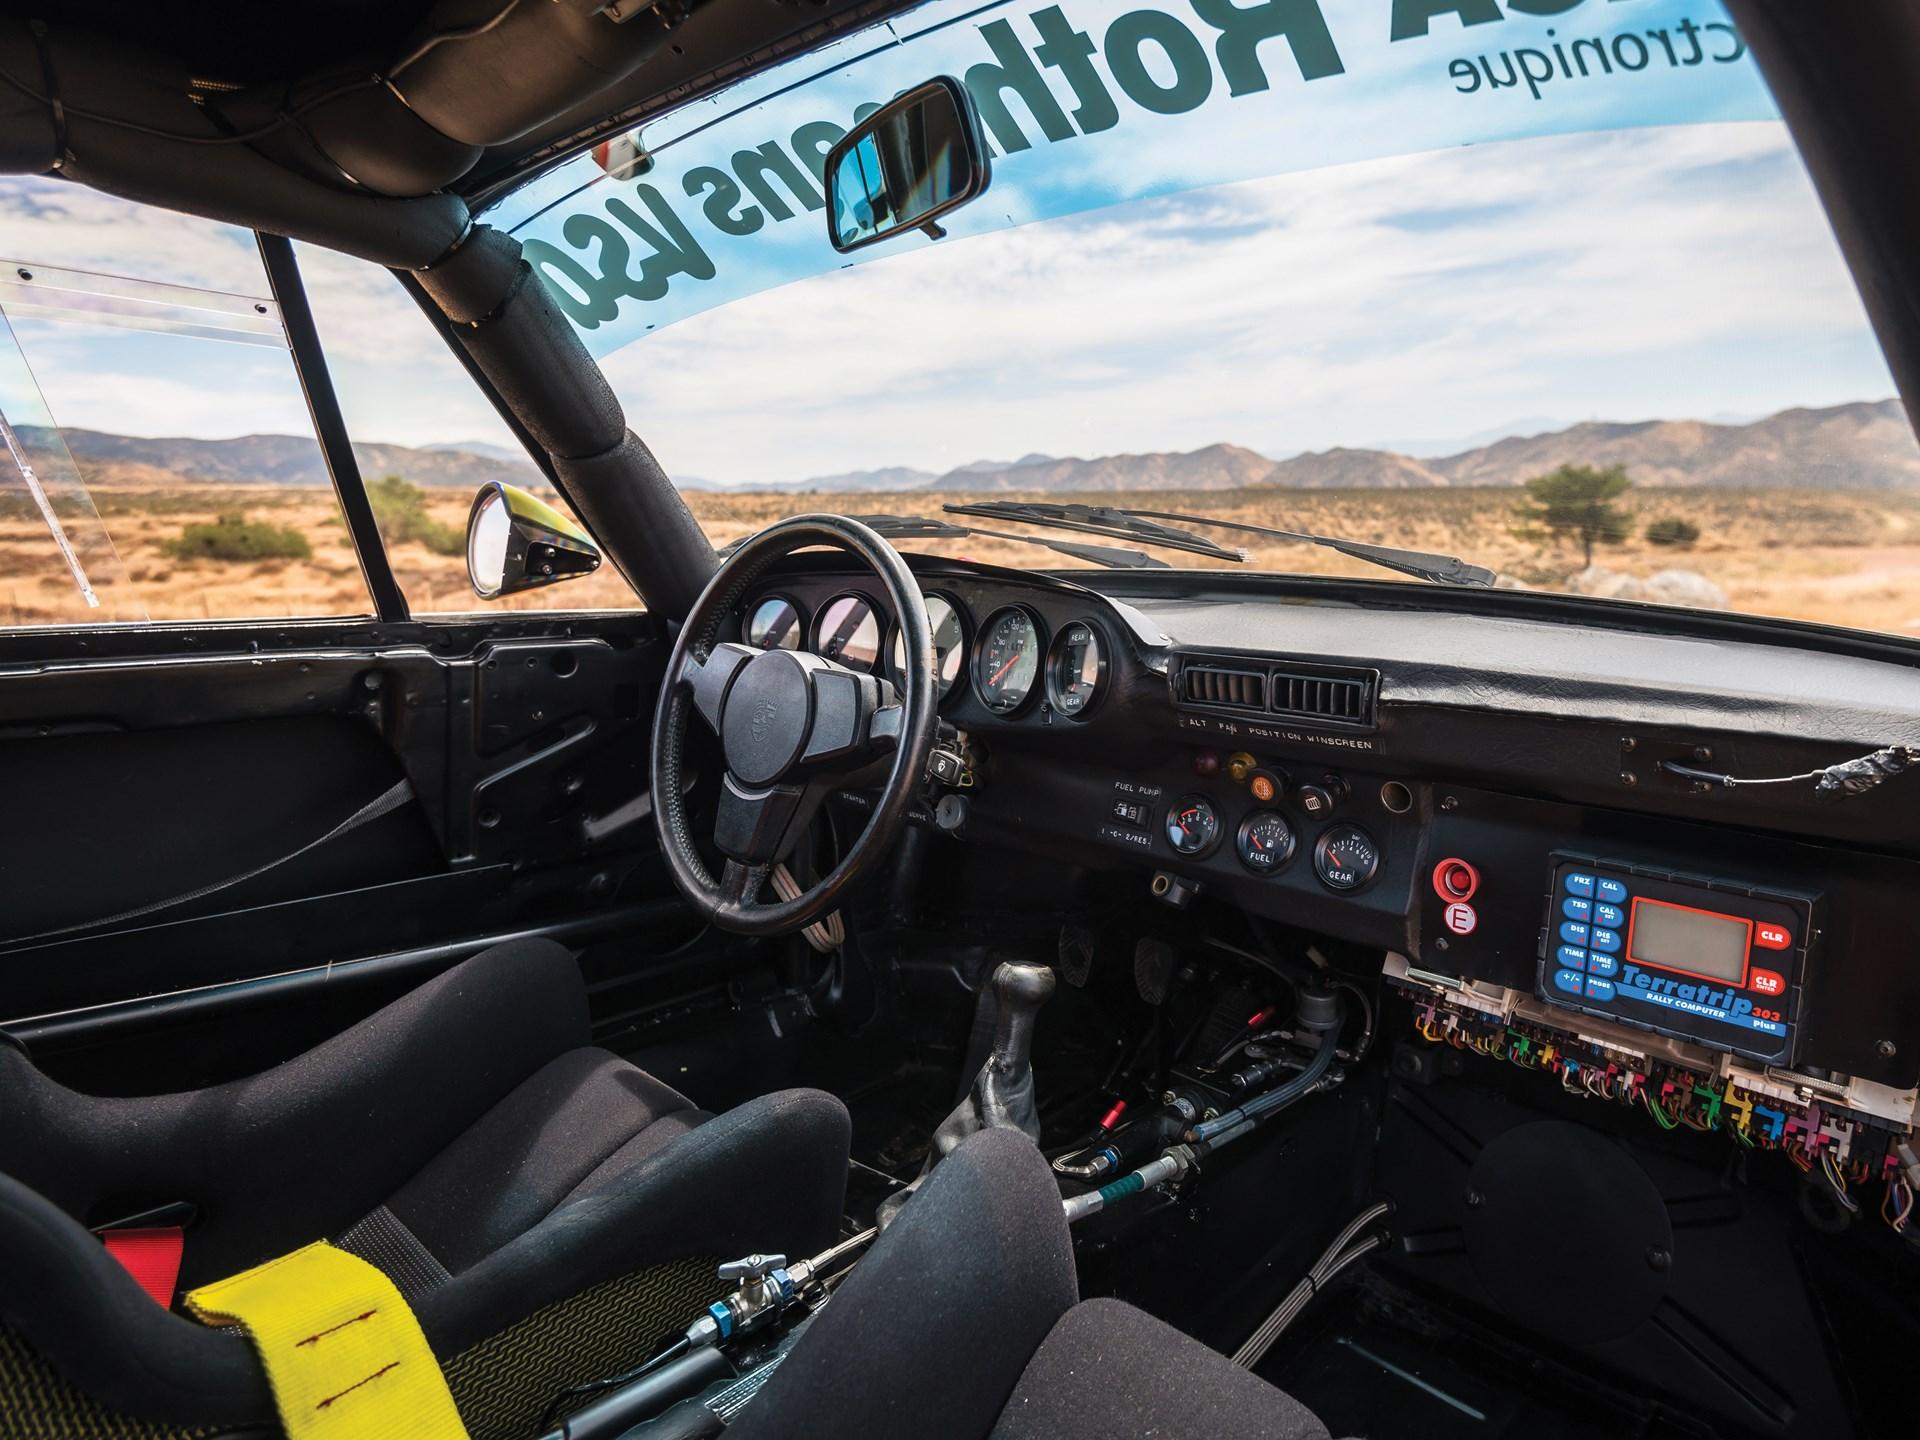 1985 Porsche 959 Paris-Dakar interior windshield